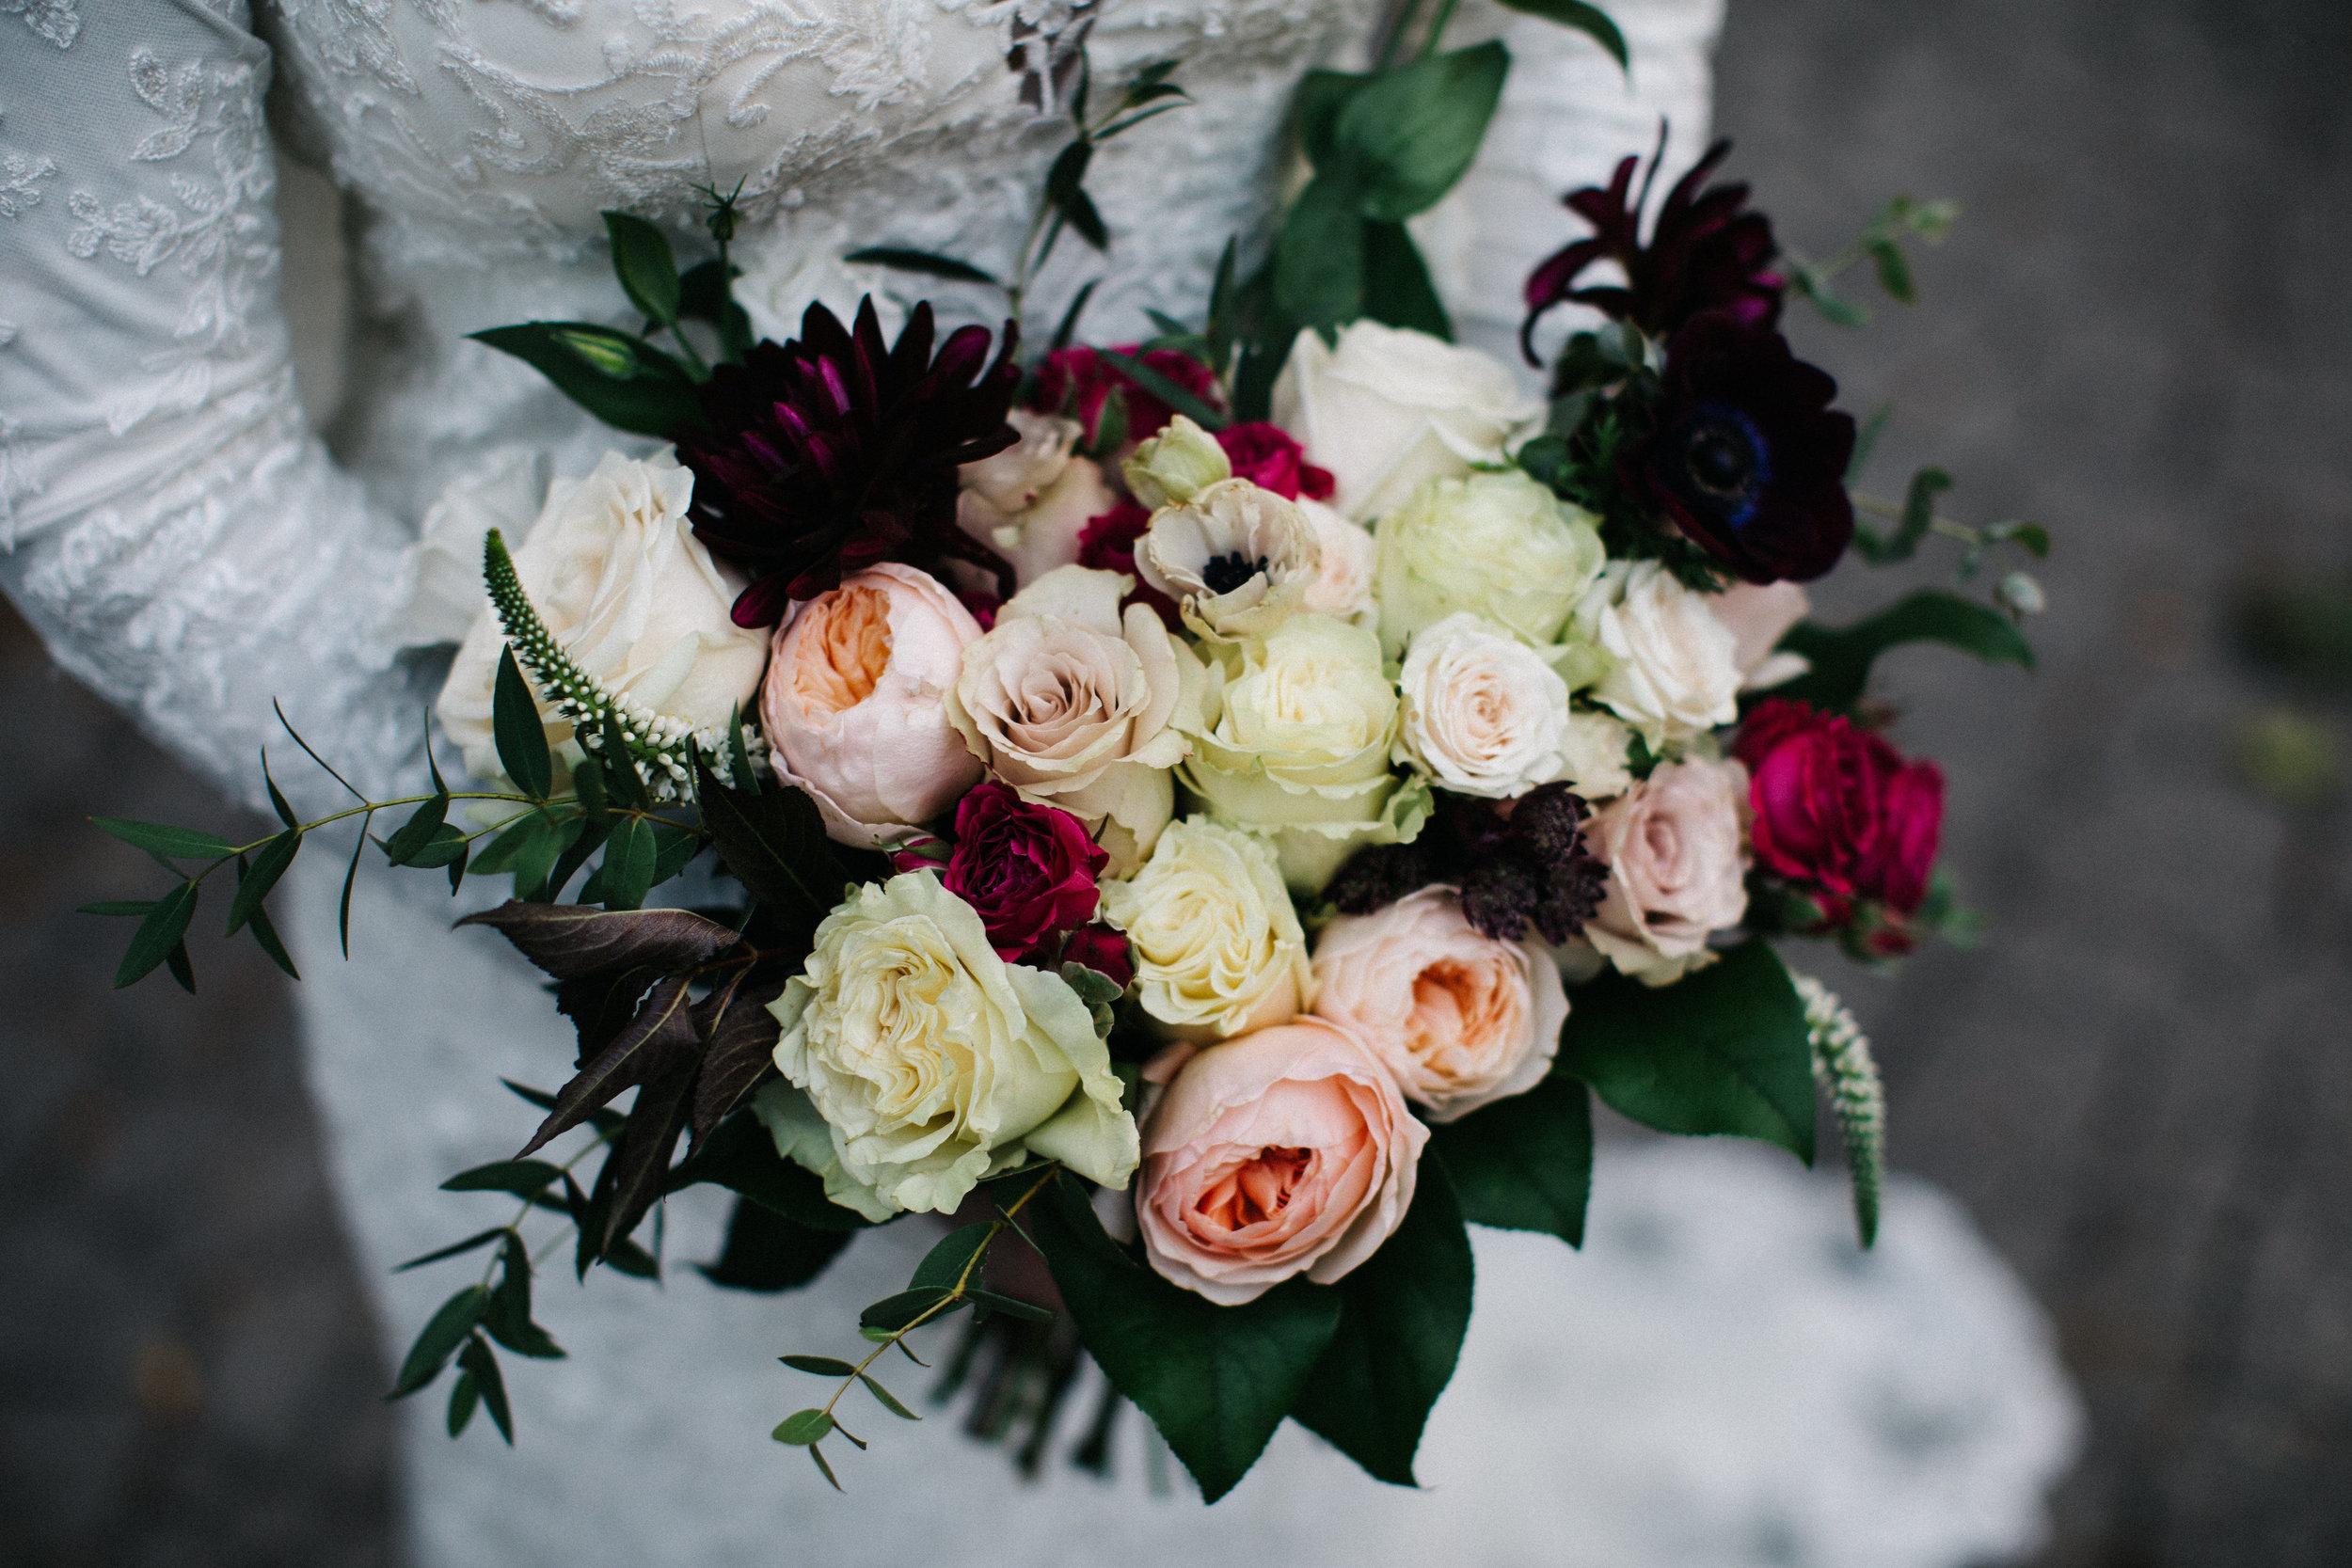 trafalgar-castle-wedding-342.jpg